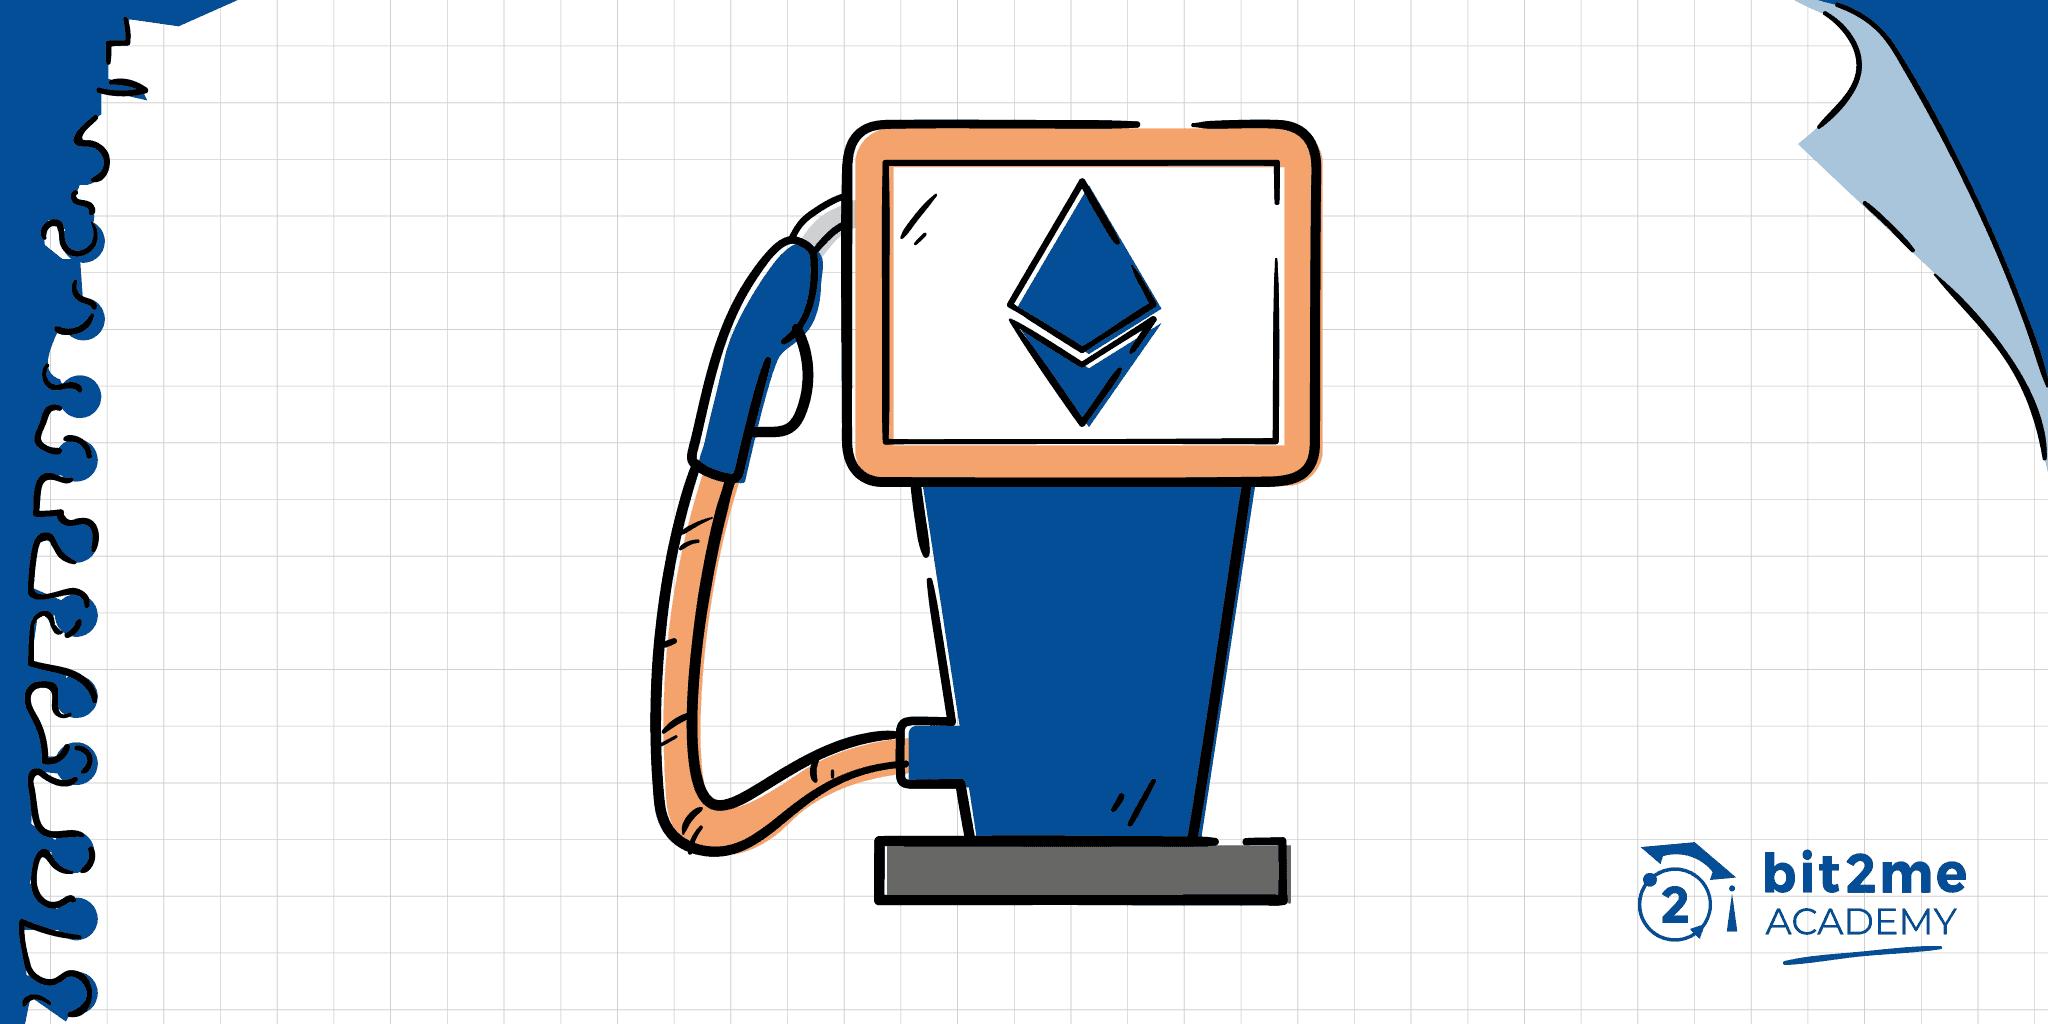 que es gas, que es gas ethereum, gas ethereum